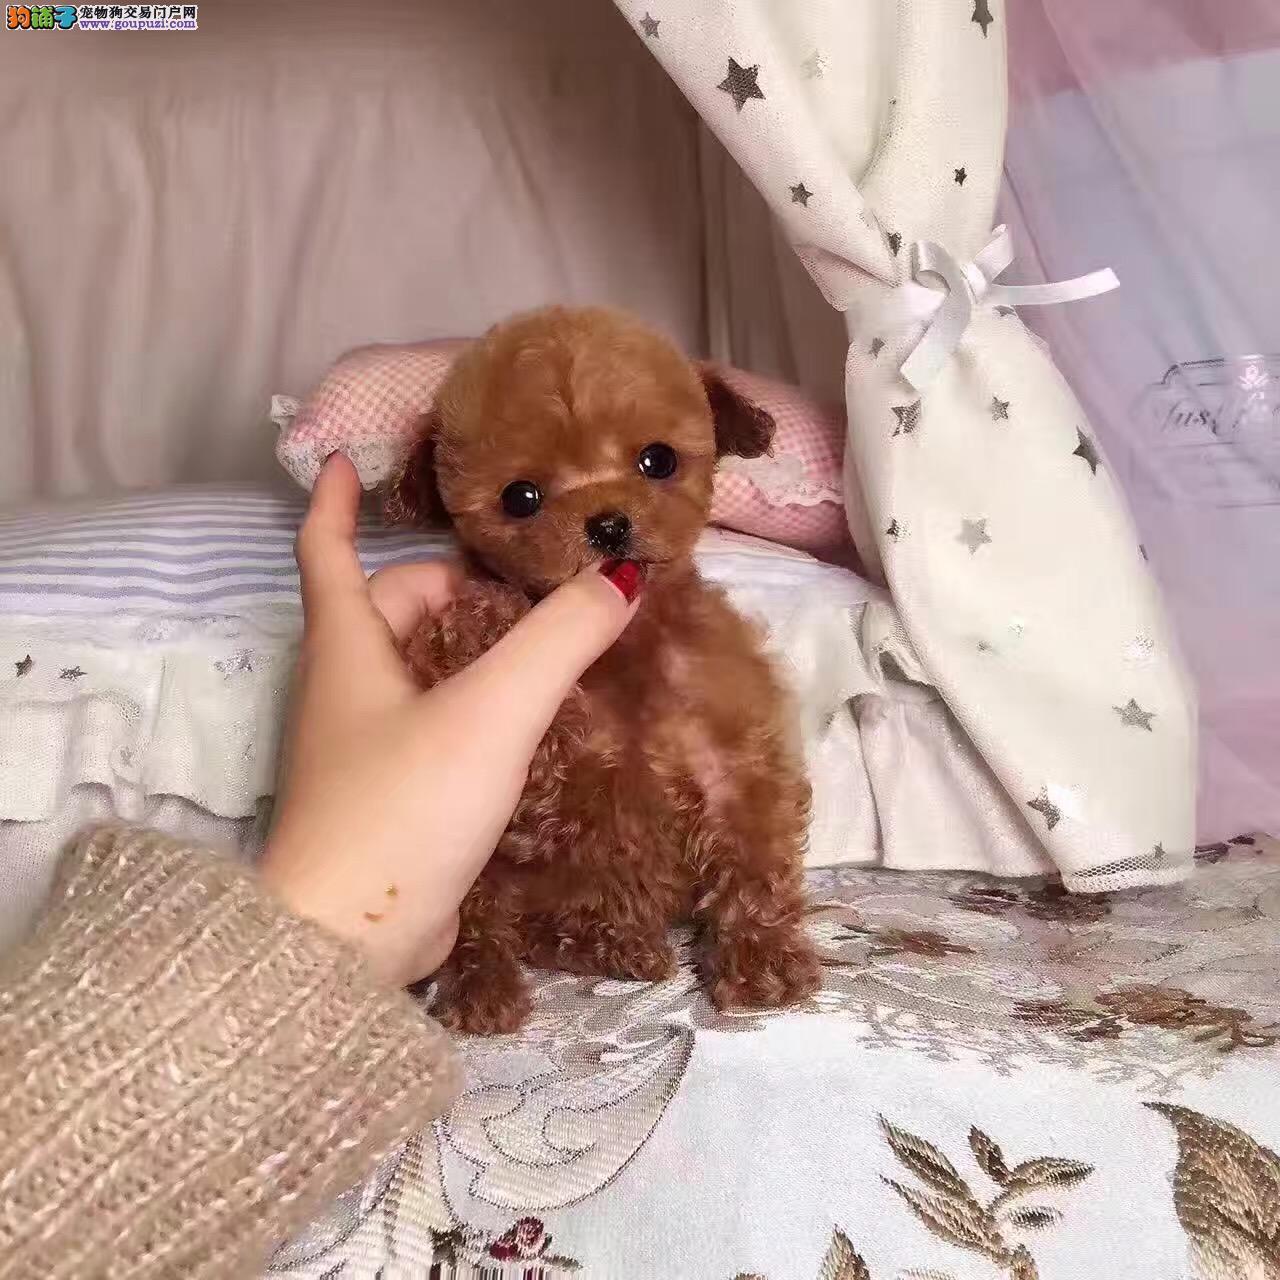 泰迪宝宝年底犬舍八折优惠出售,多只泰迪犬